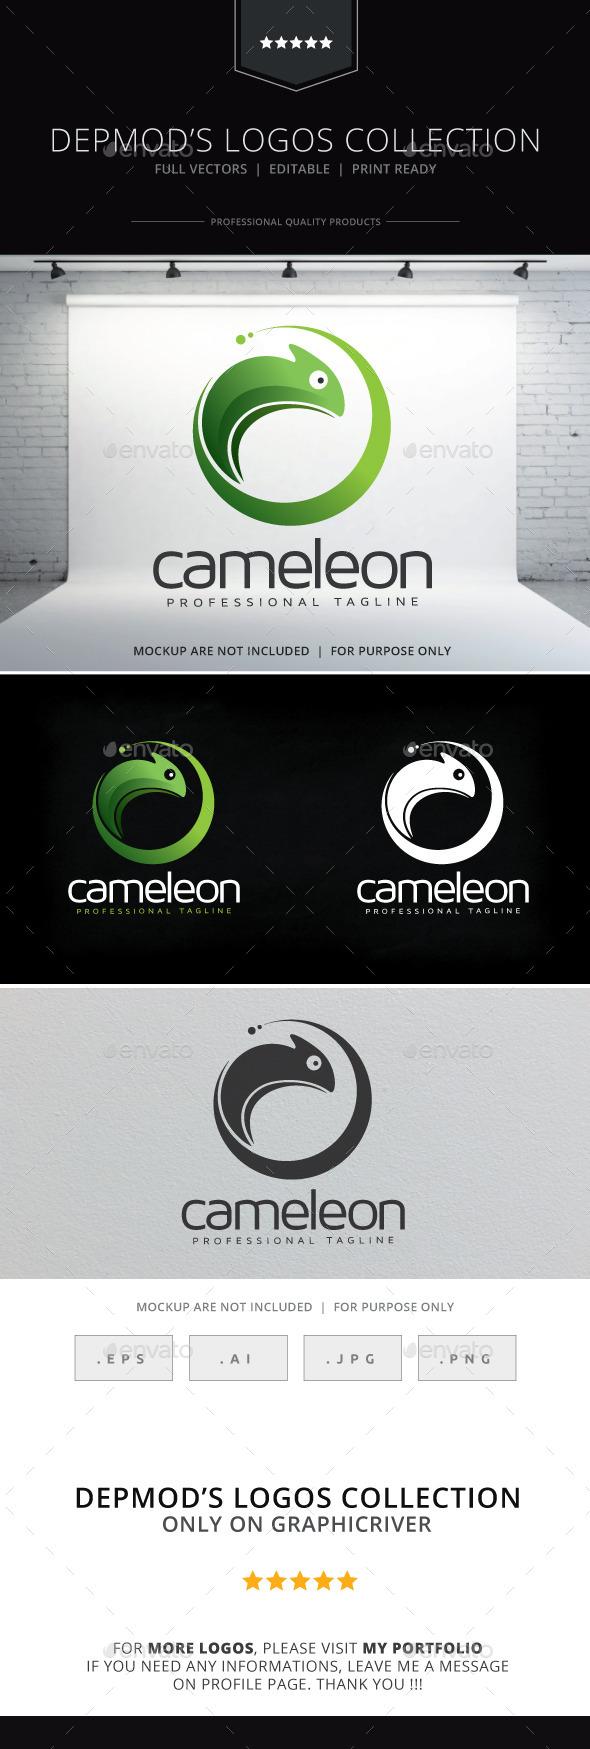 GraphicRiver Cameleon Logo 10534736